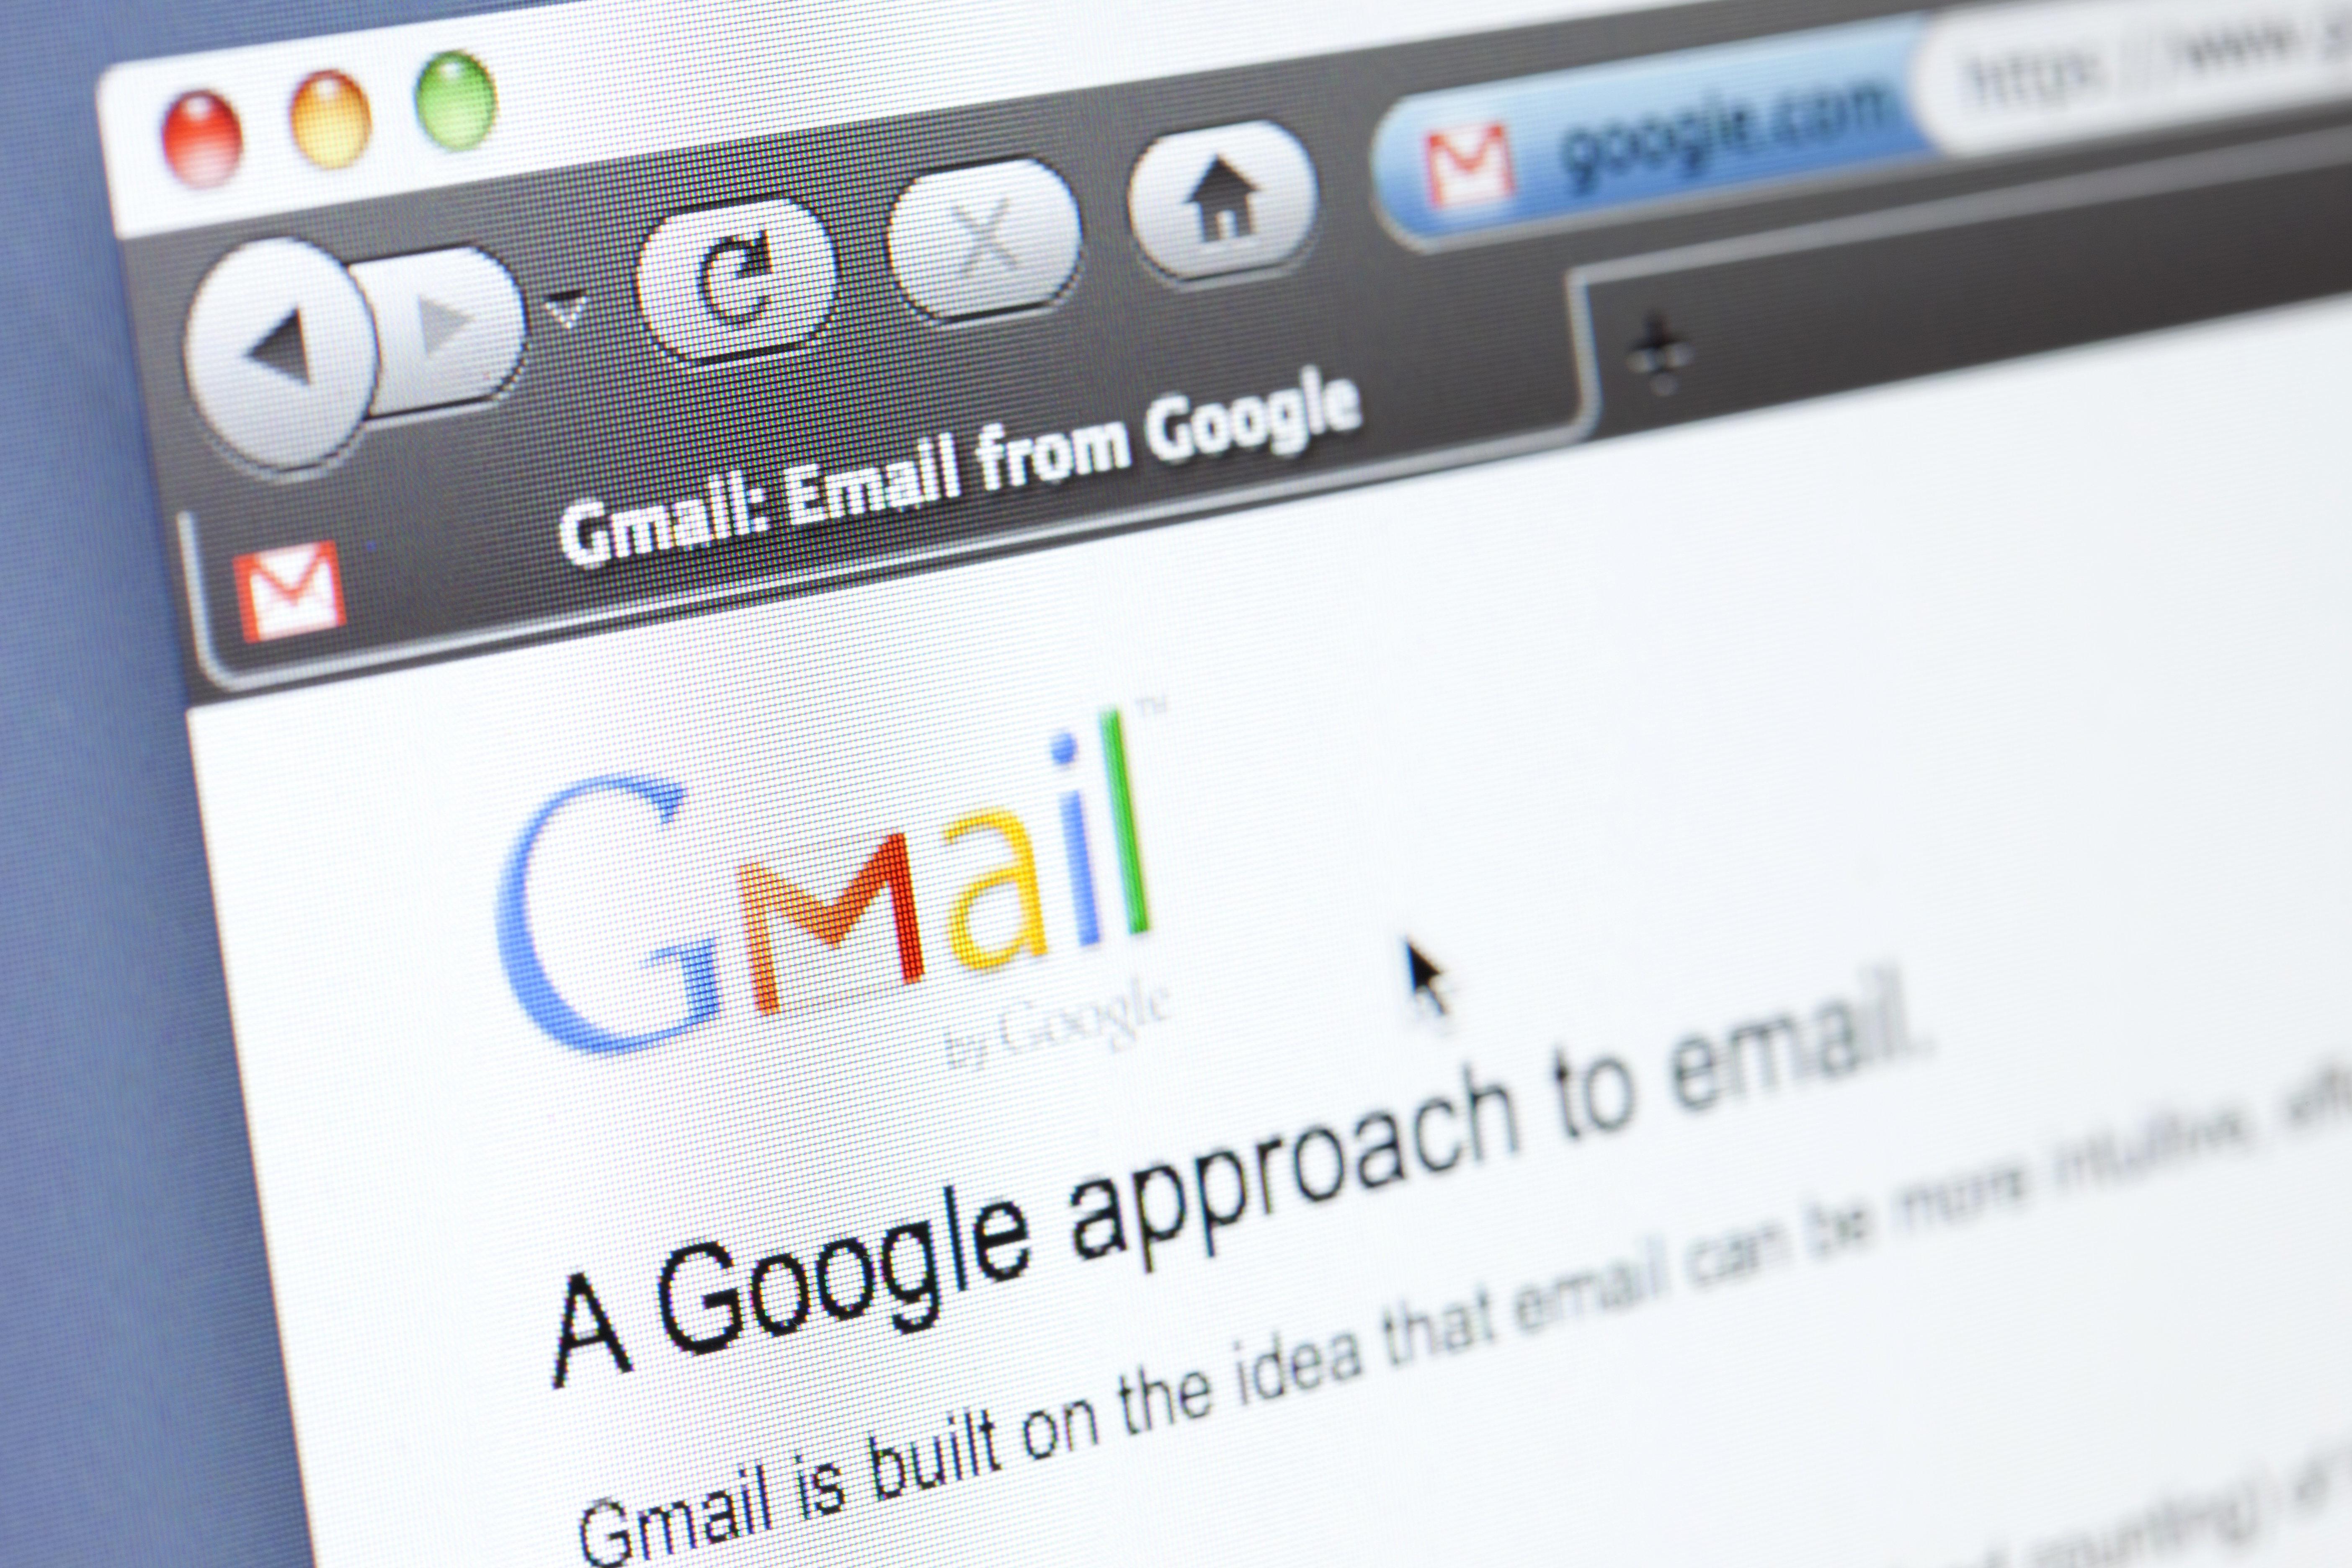 Προσοχή στα μηνύματά σας. Η Google παραδέχθηκε ότι μηνύματα του Gmail διαβάζονται καμιά φορά και από